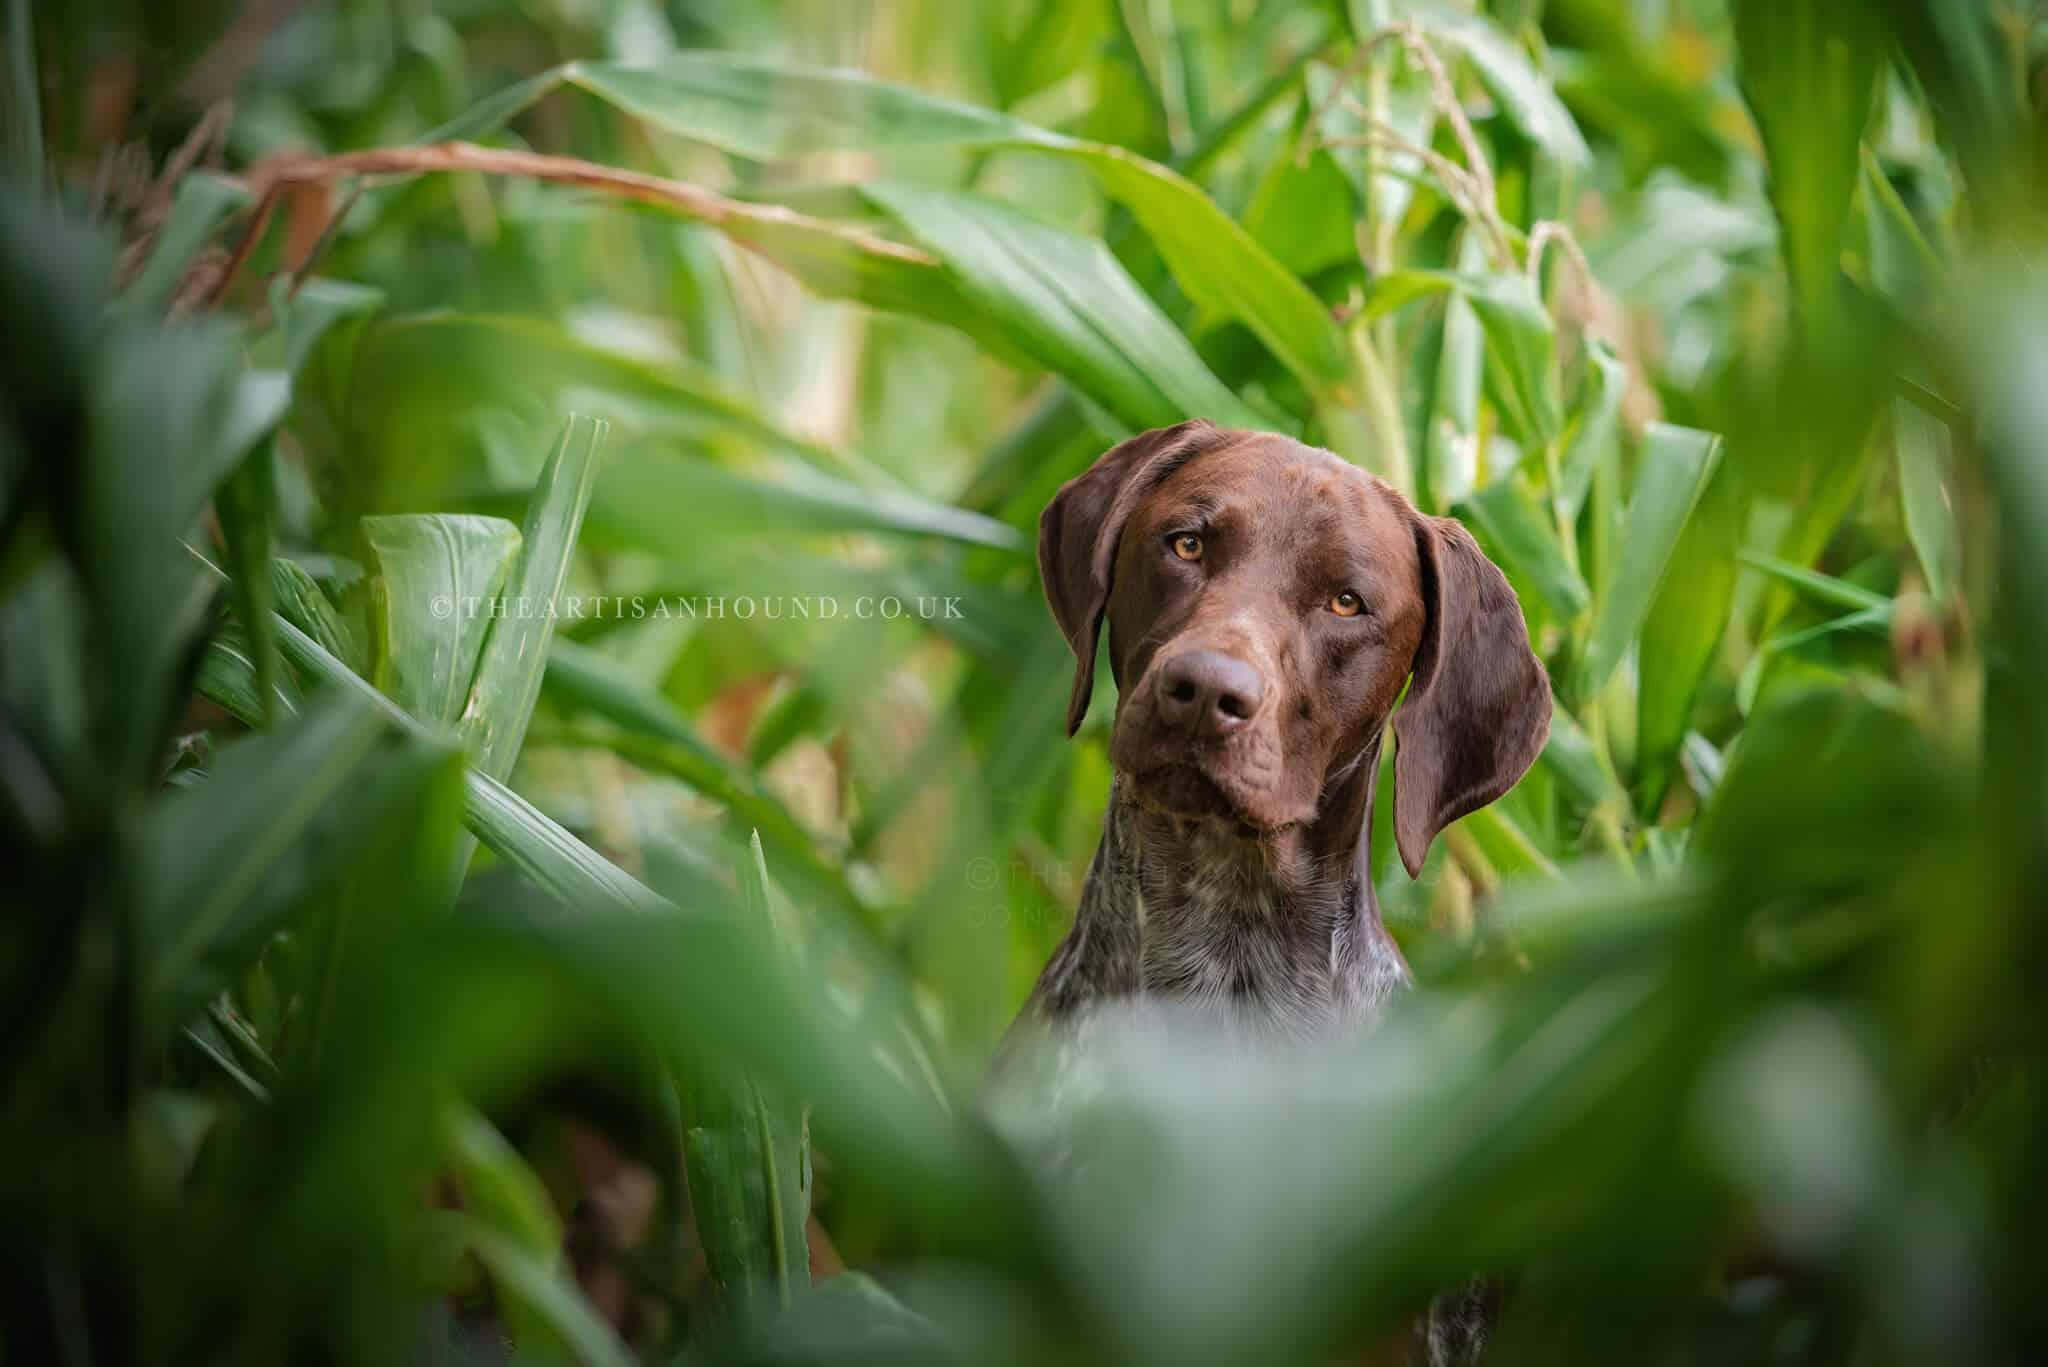 GSP portrait photo in corn field